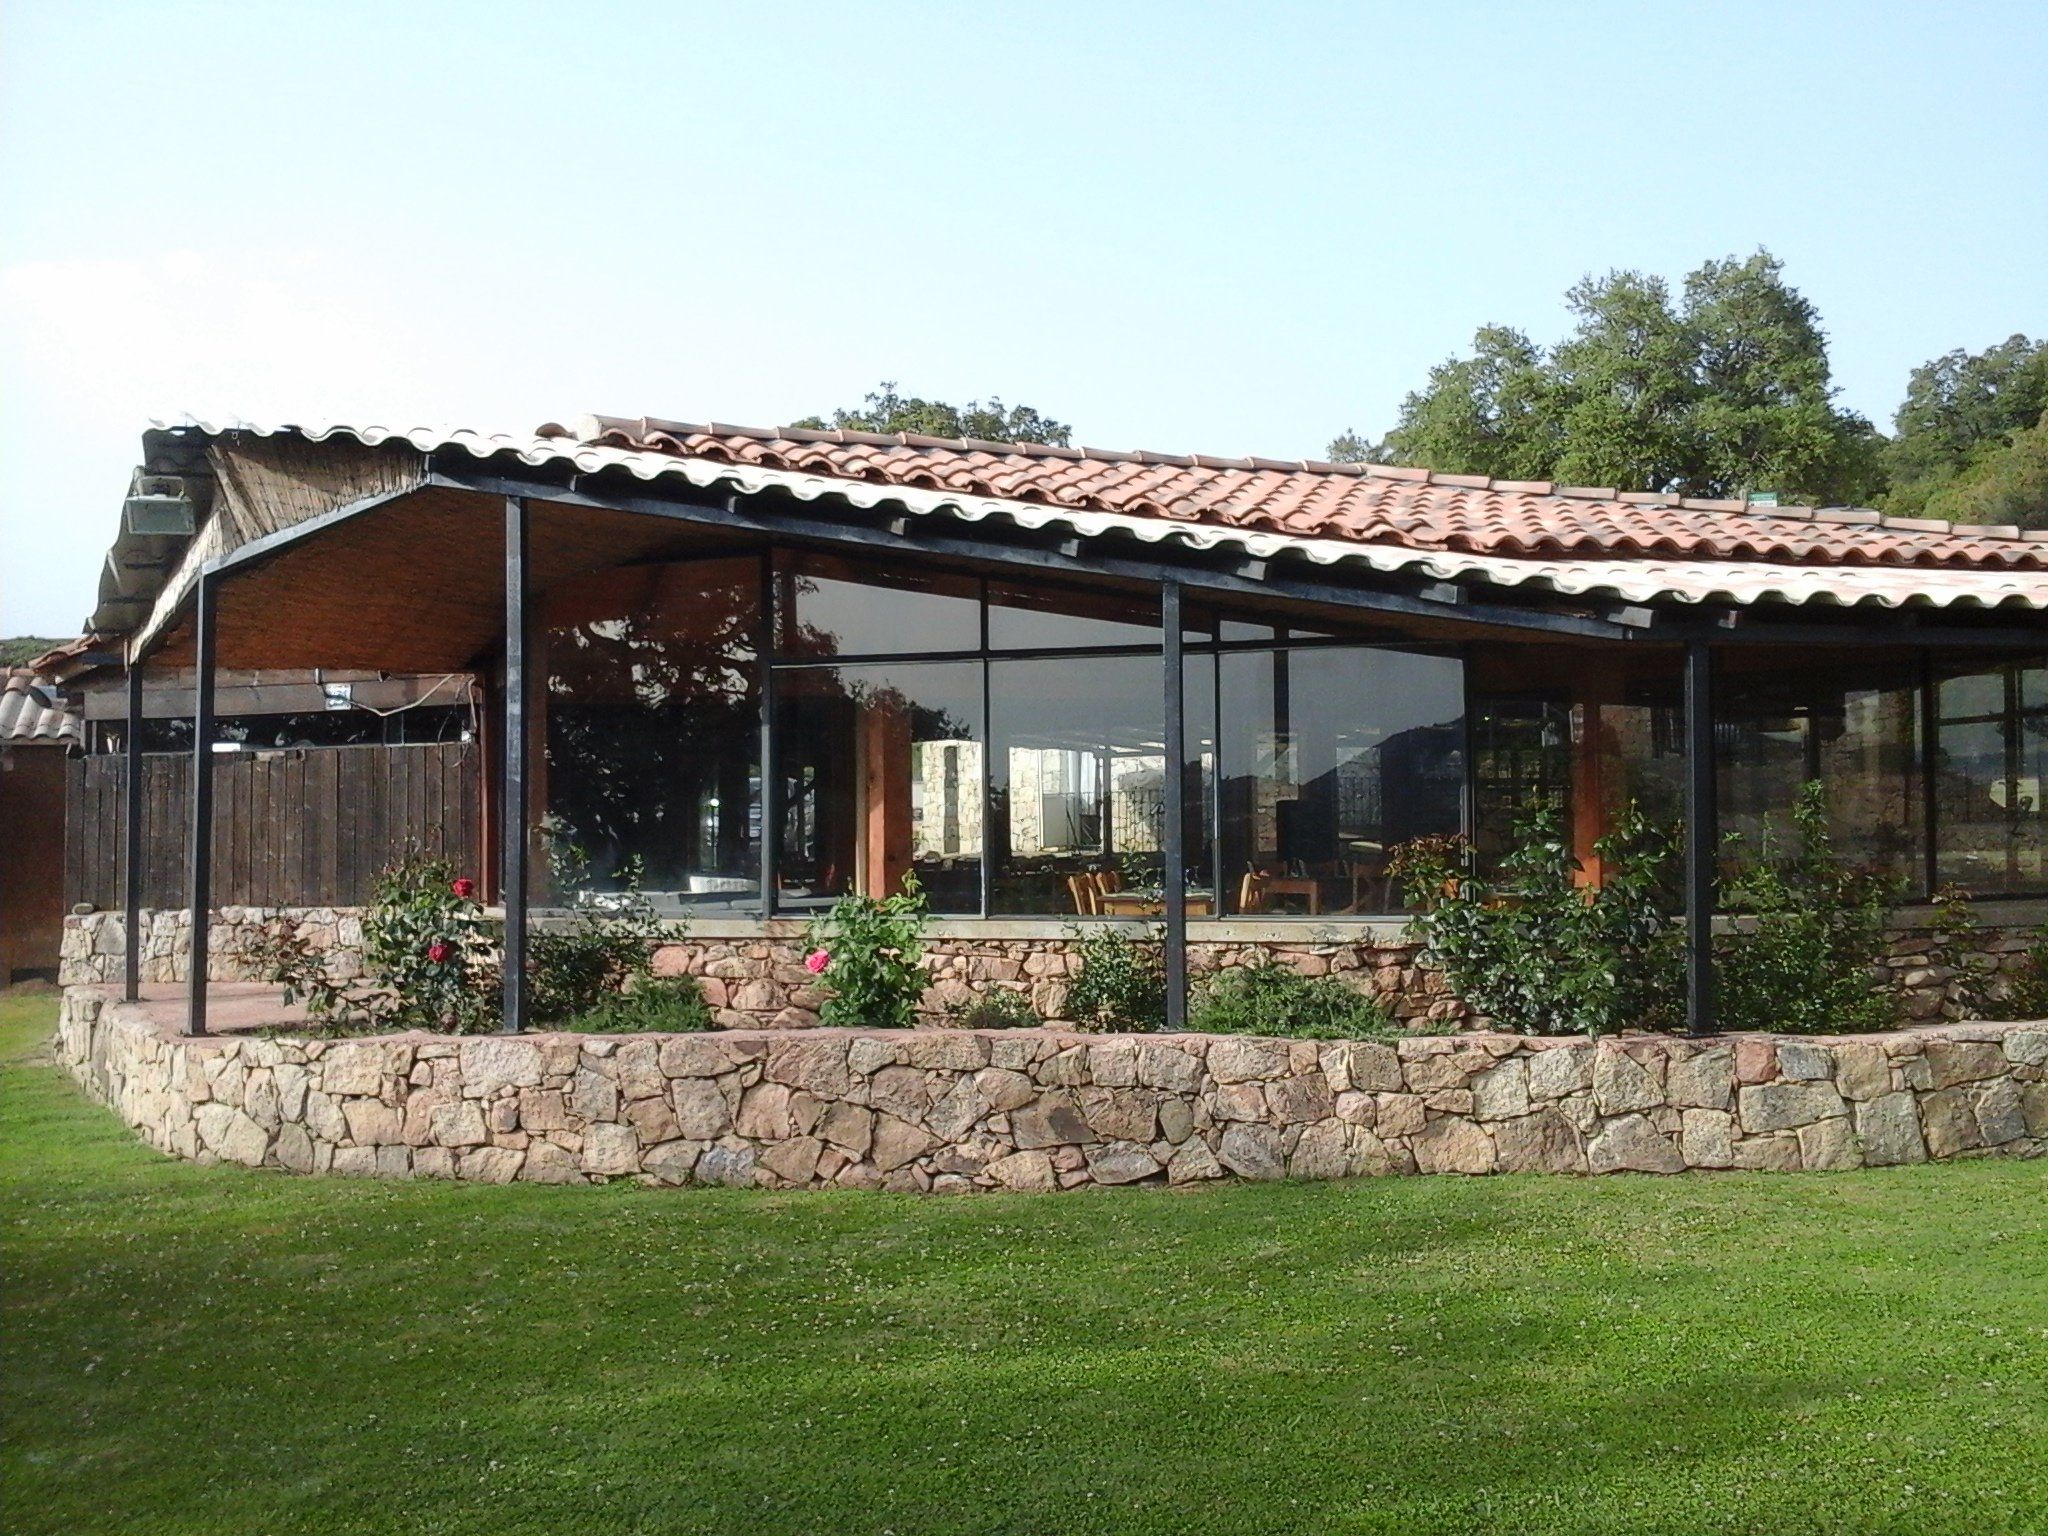 阿萨里瓦移动之家露营地